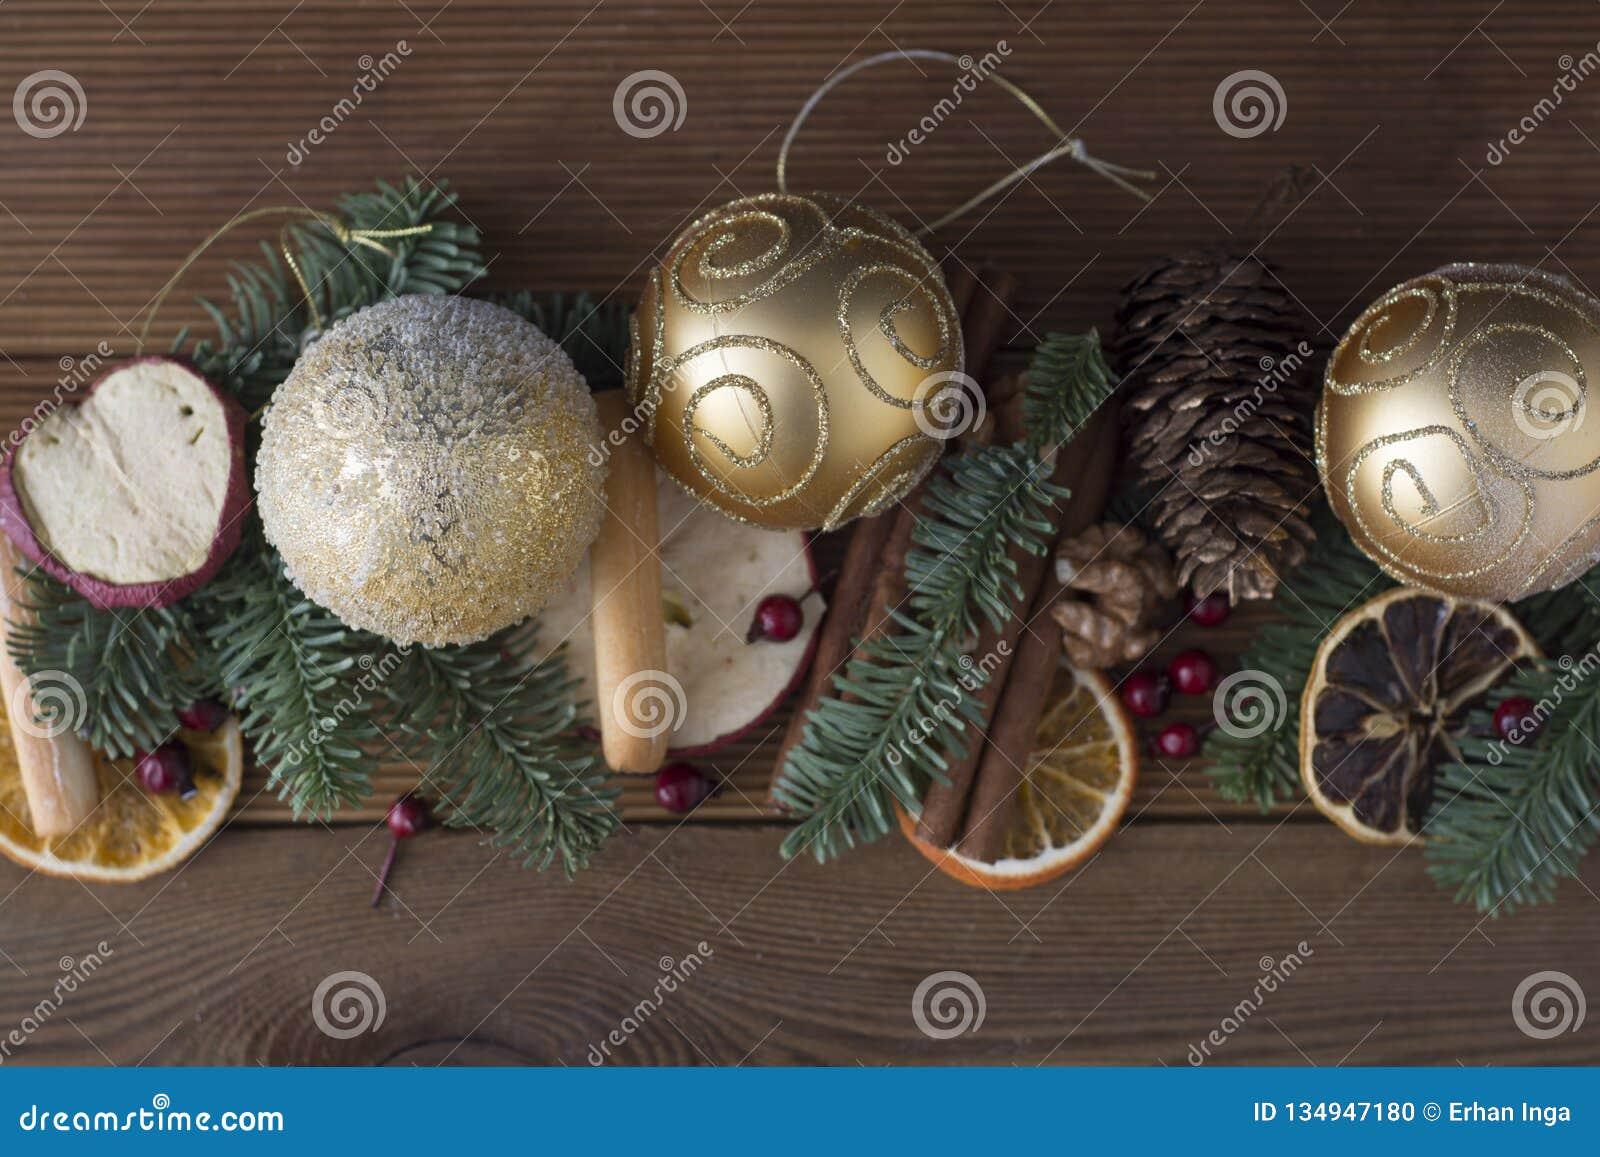 Weihnachtstannenbaum mit Dekoration auf dunklem Hintergrund des hölzernen Brettes E Kopieren Sie Platz